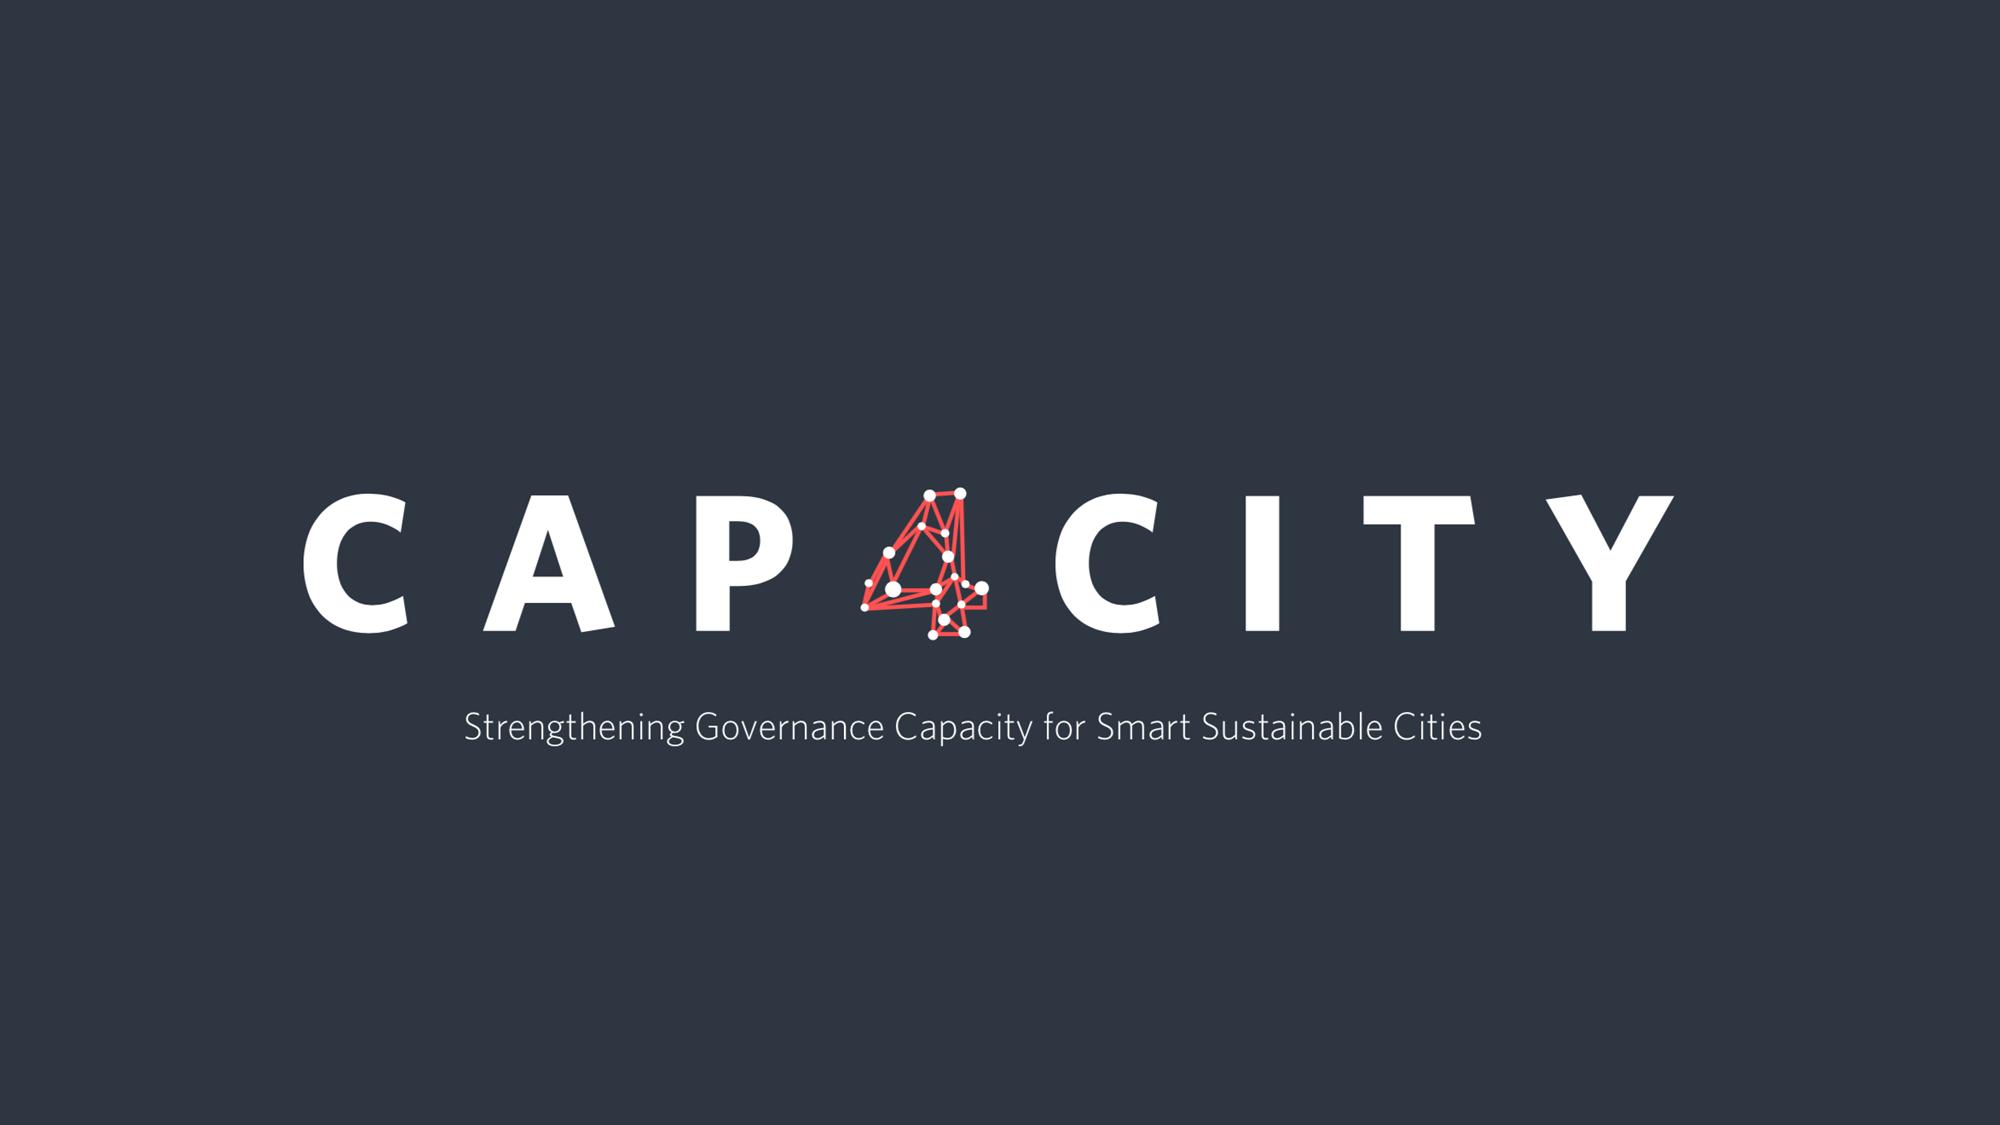 CAP4CITY/ERASMUS – Fortalecendo capacidades em Cidades Inteligentes e Sustentáveis